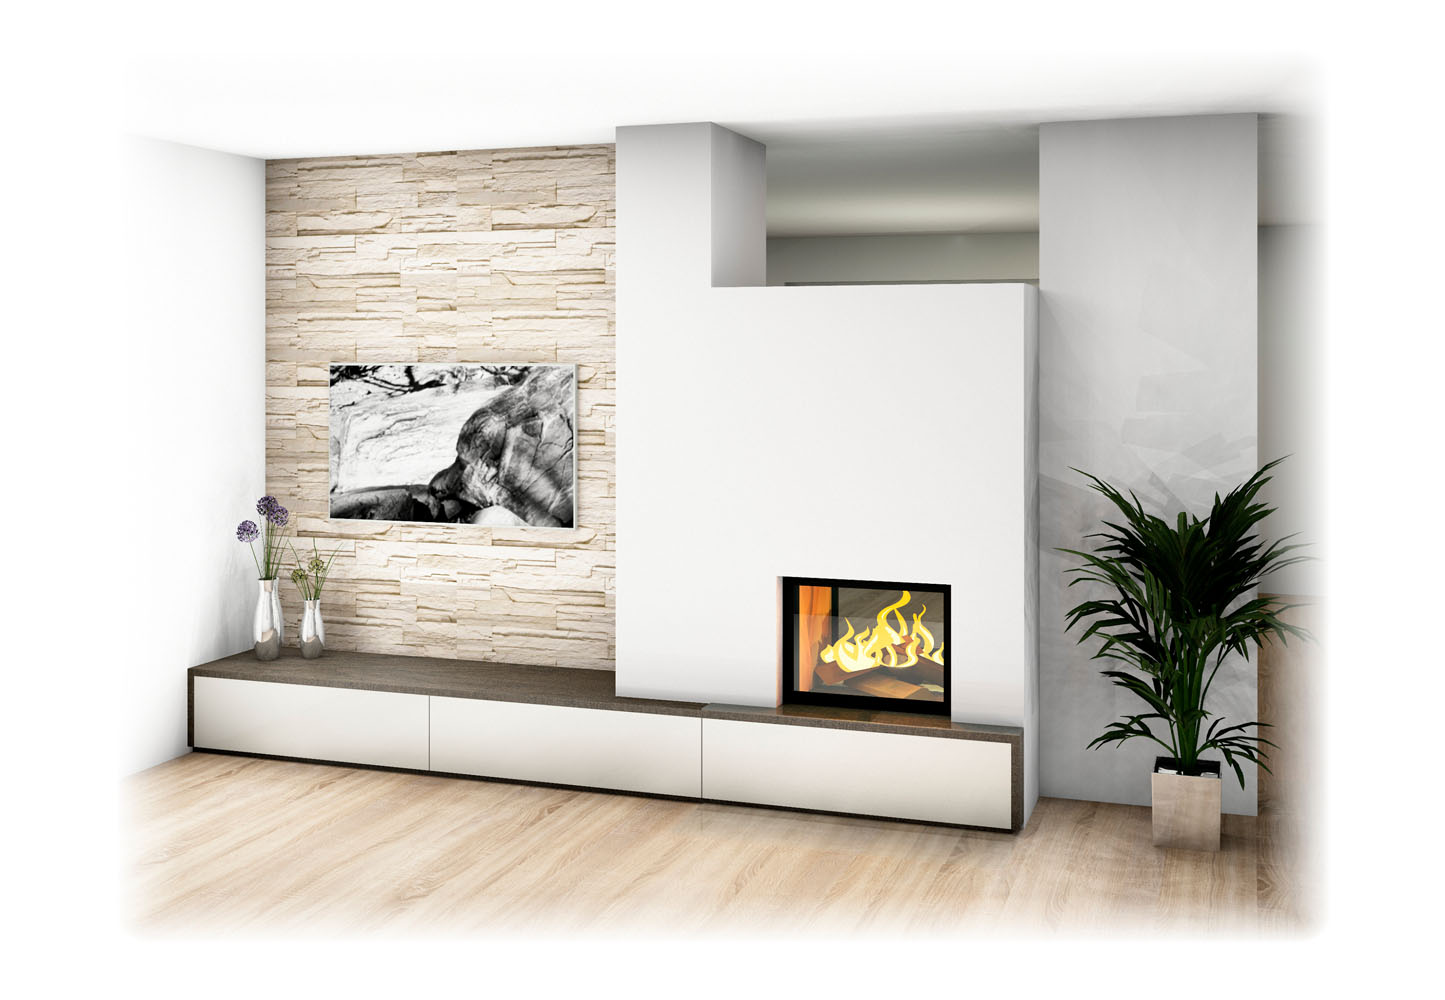 Heizkamin Modern Durchsichtgerät Mit Tv Wand